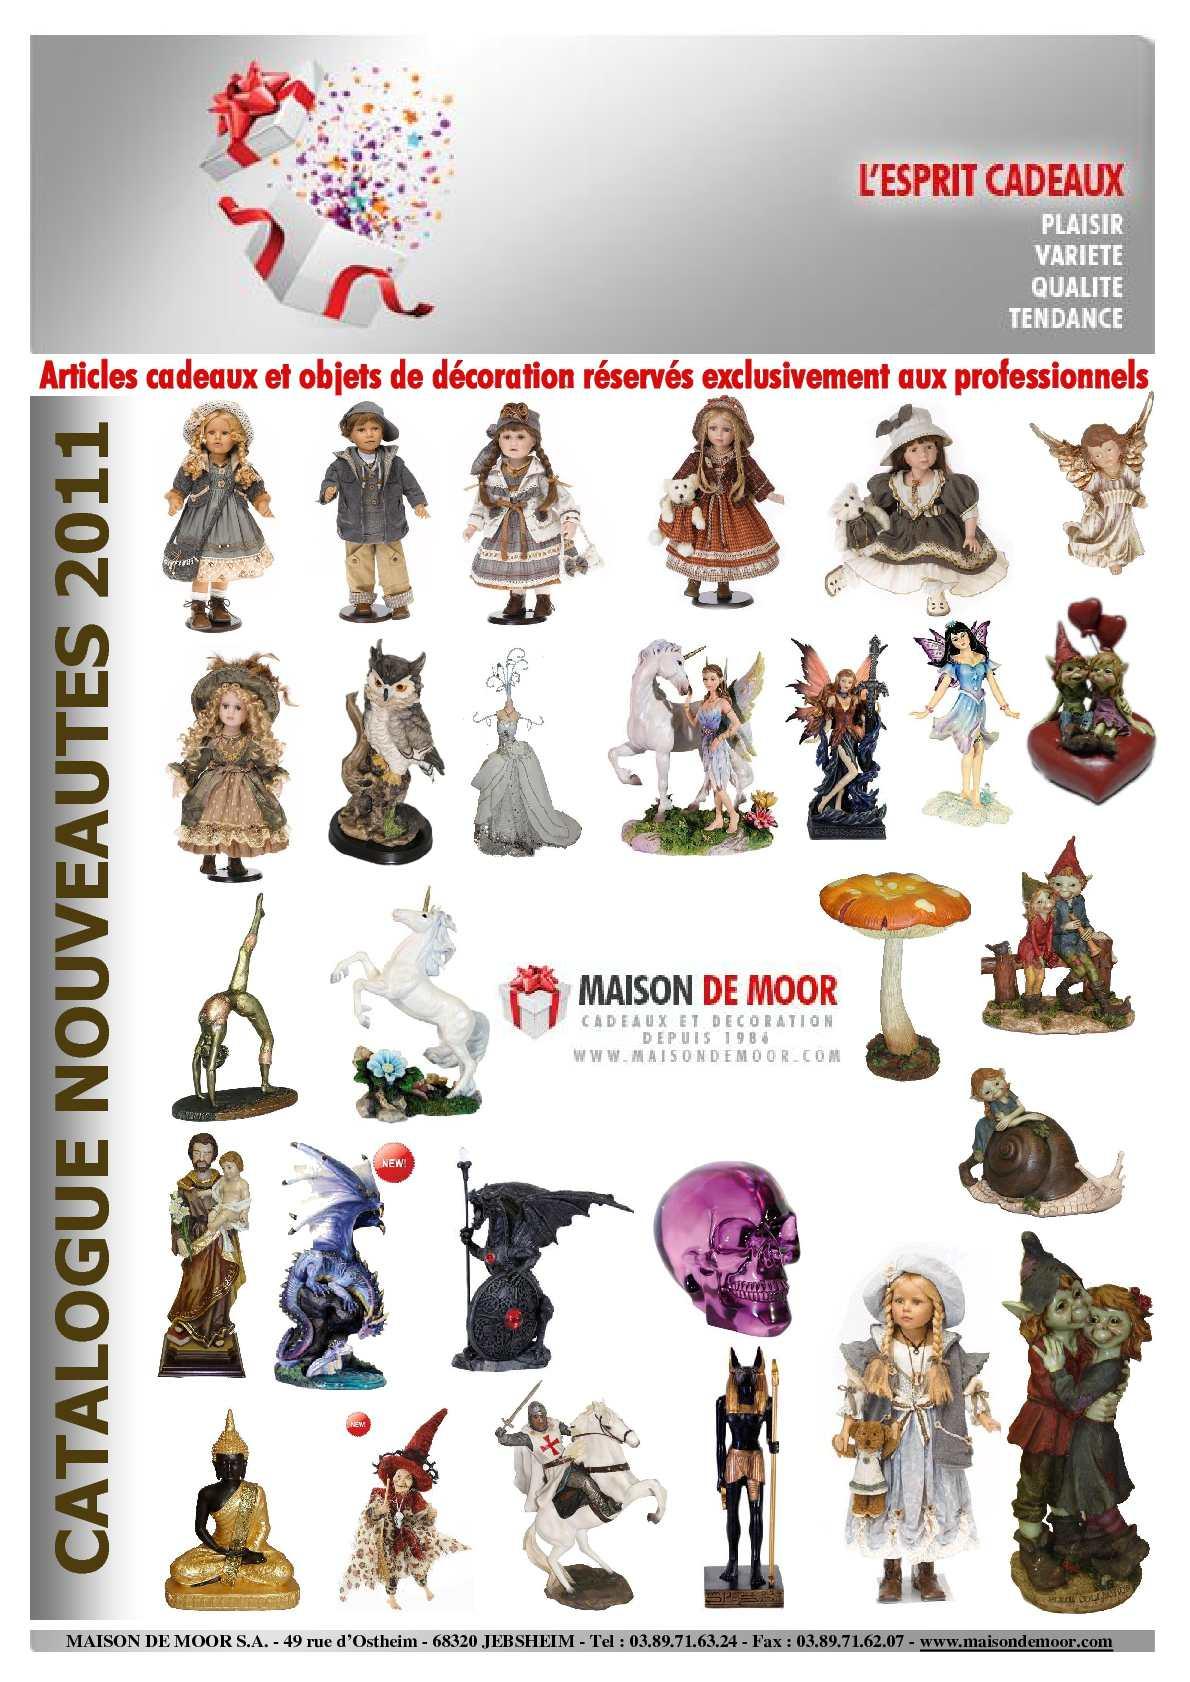 Calam o catalogue grossiste cadeaux d coration maison de moor s a - Catalogue deco maison ...